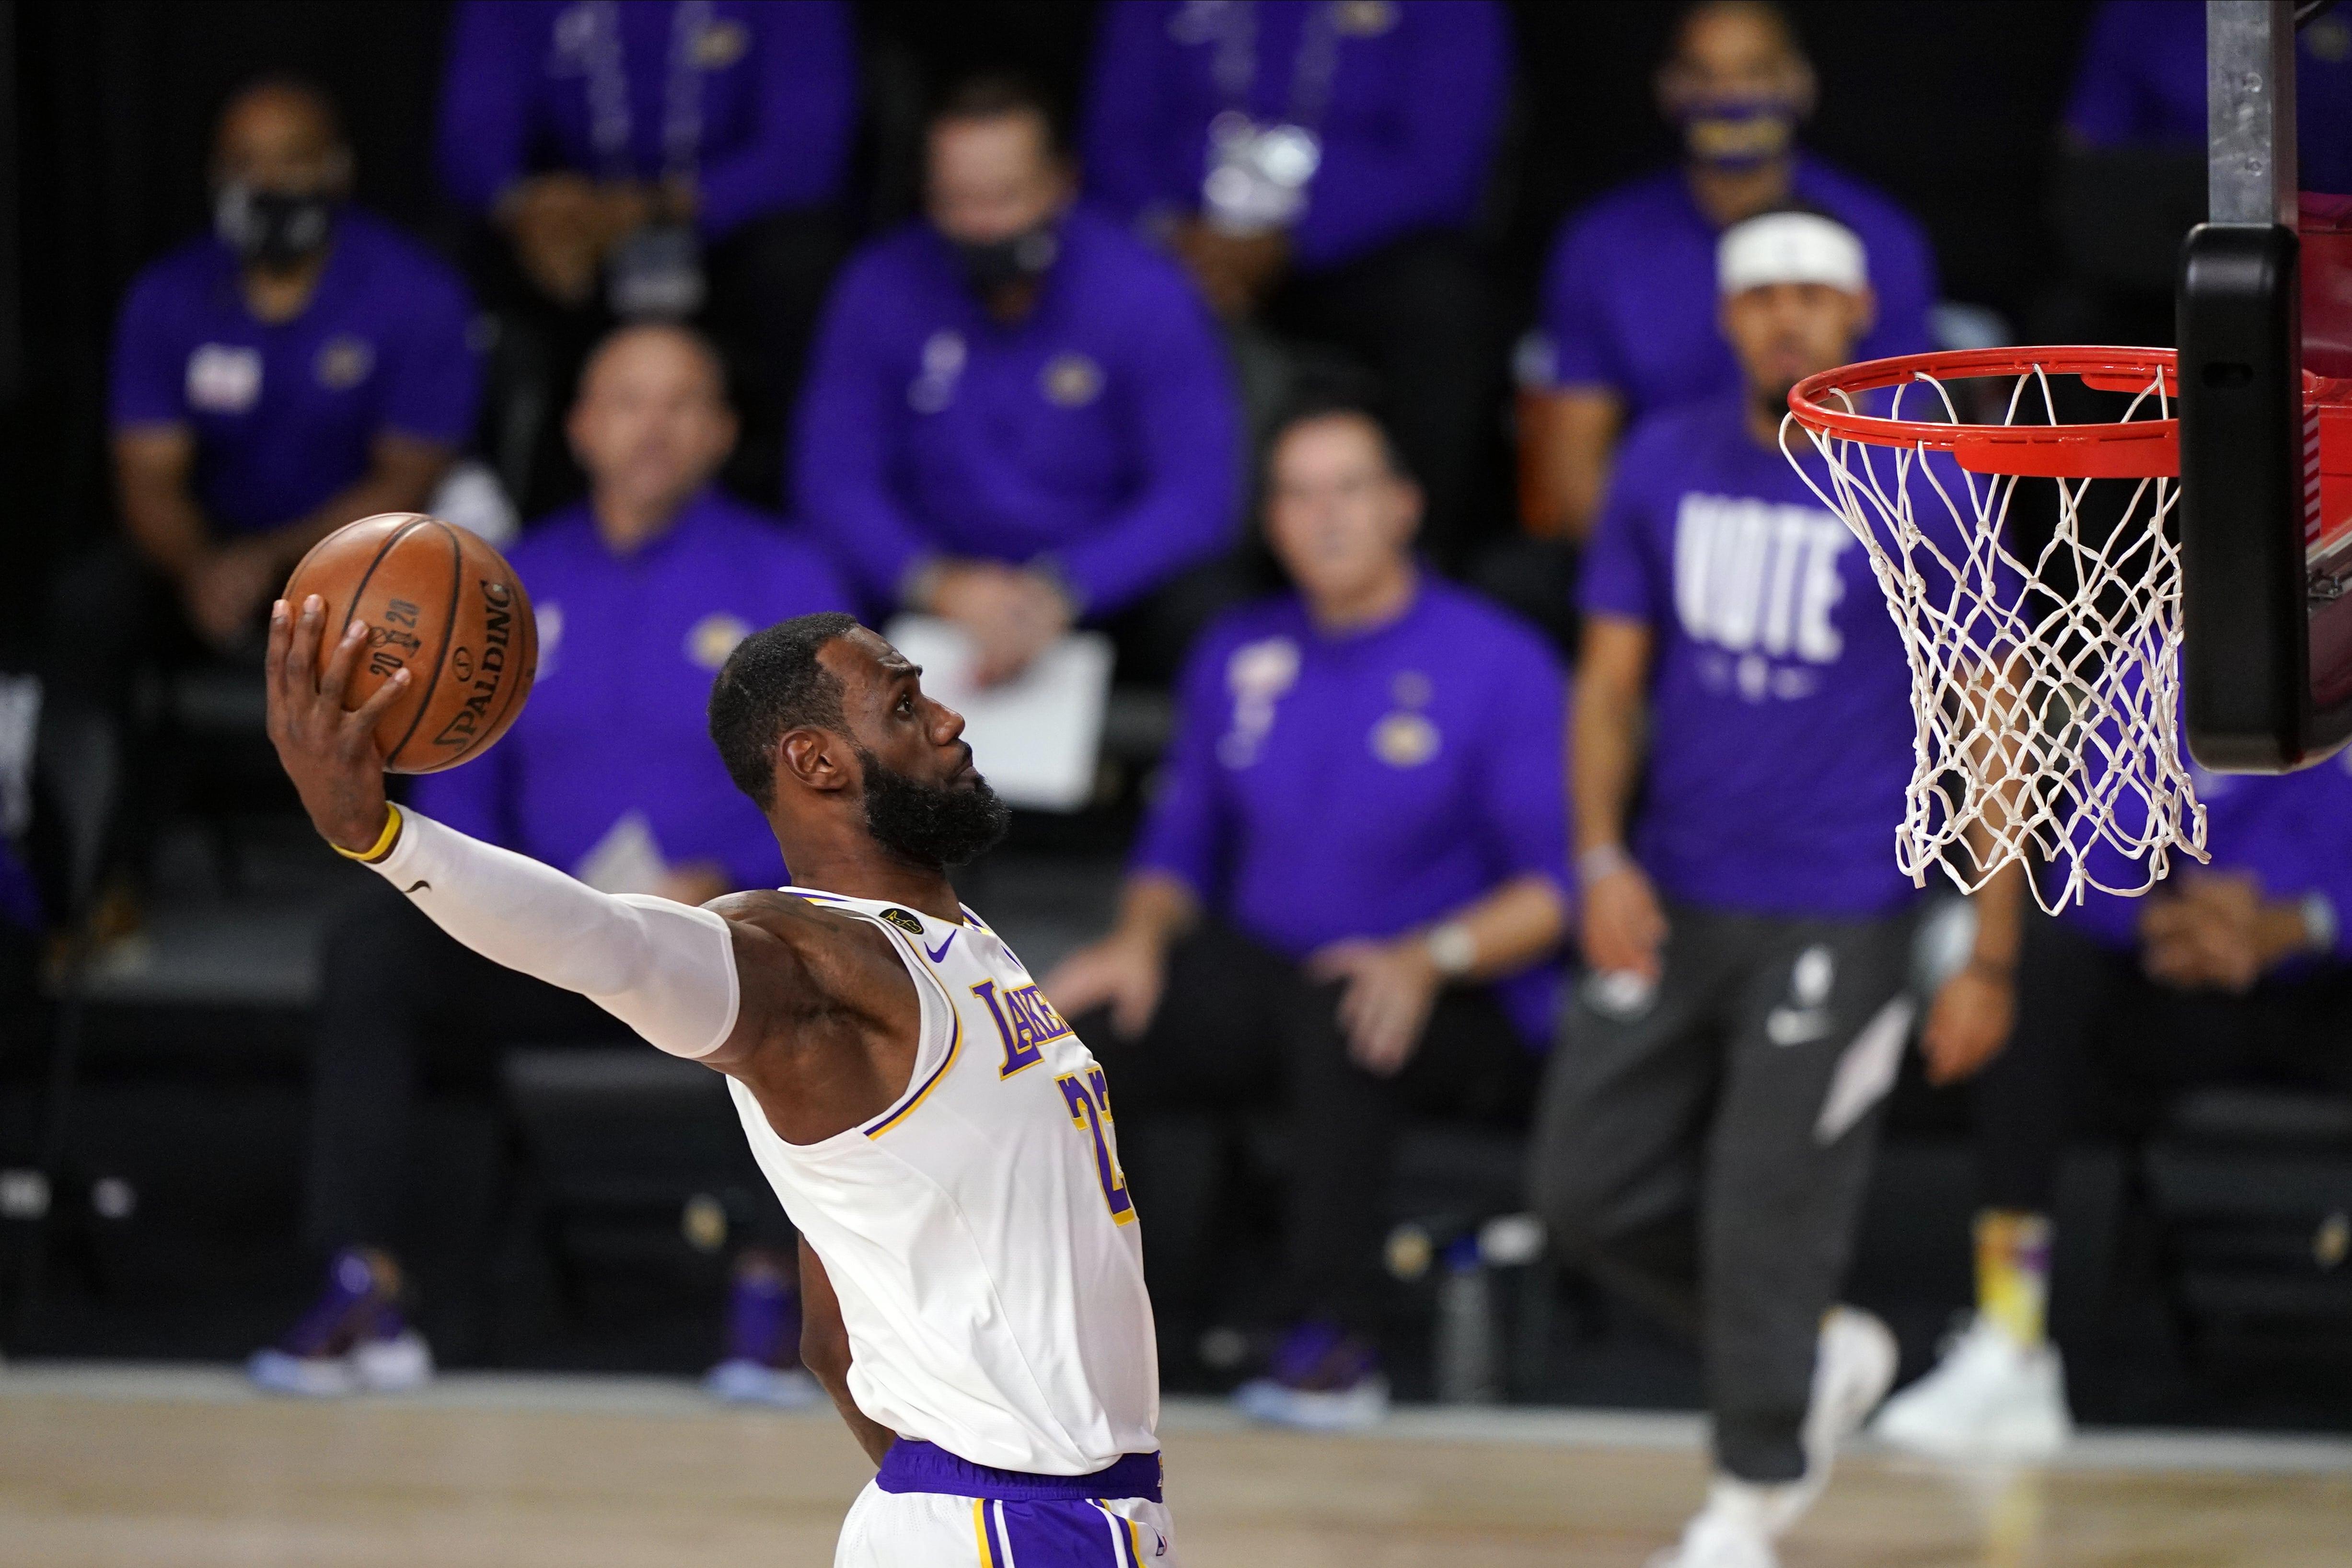 Daži fakti par NBA sezonu, kurus tu noteikti nezināji